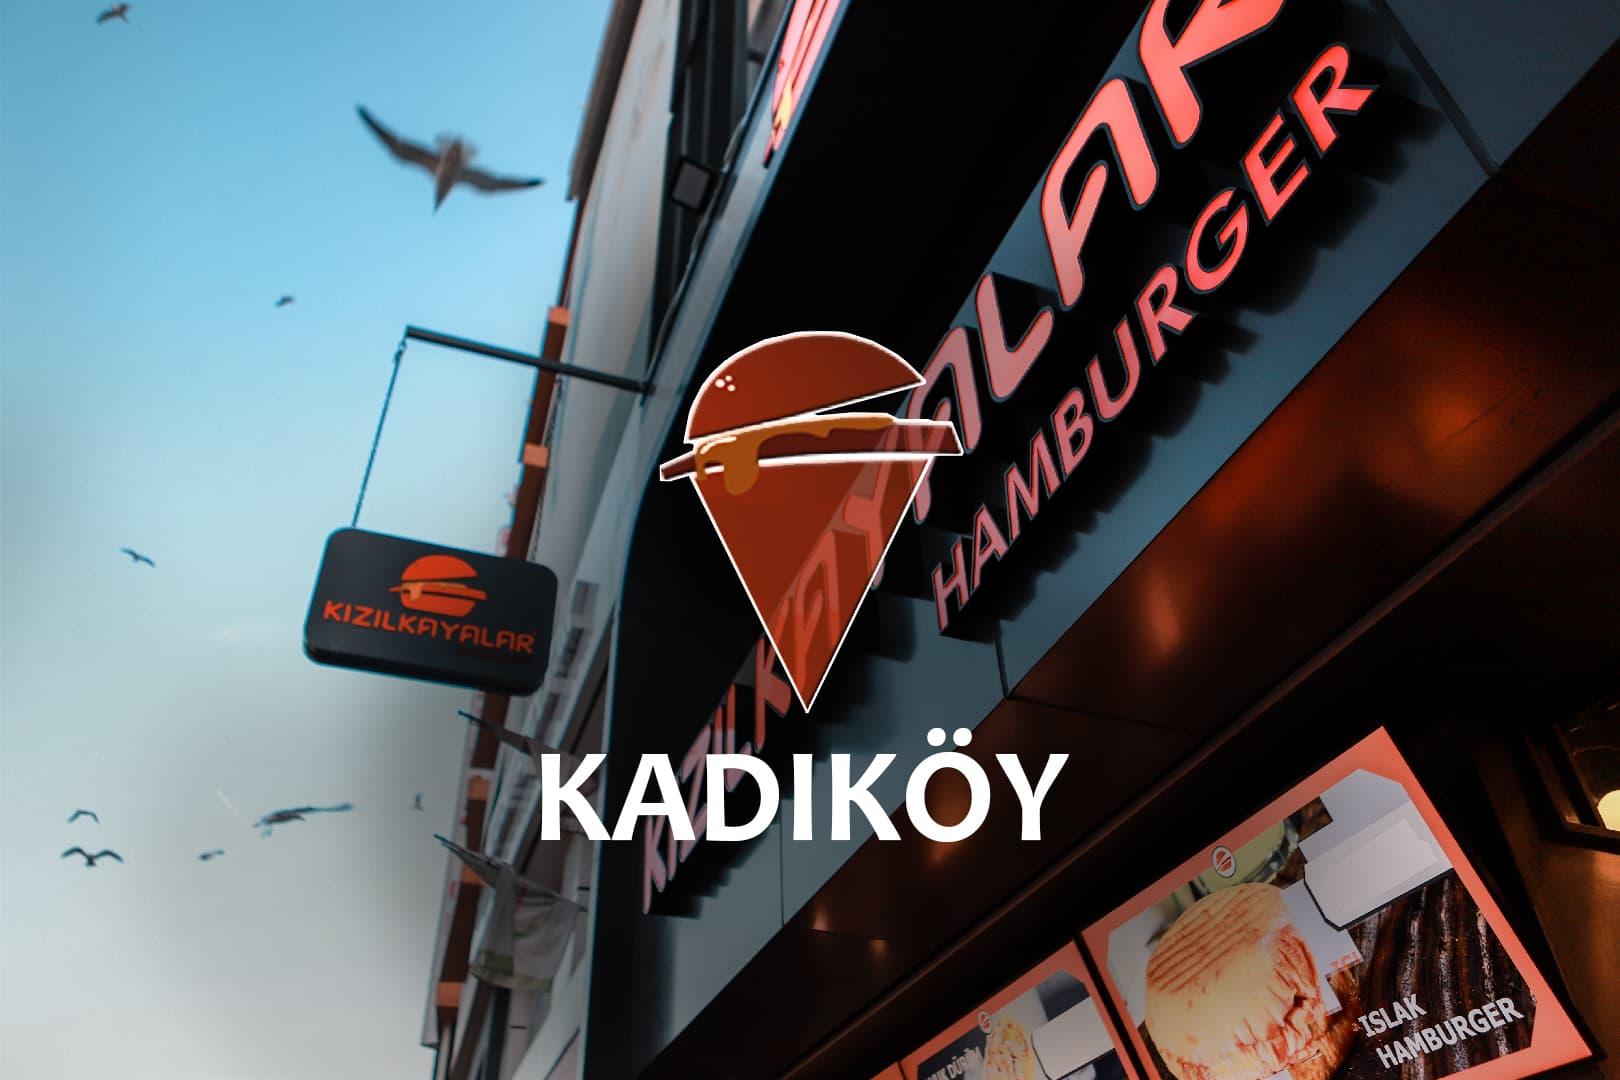 Kızılkayalar Kadıköy Branch